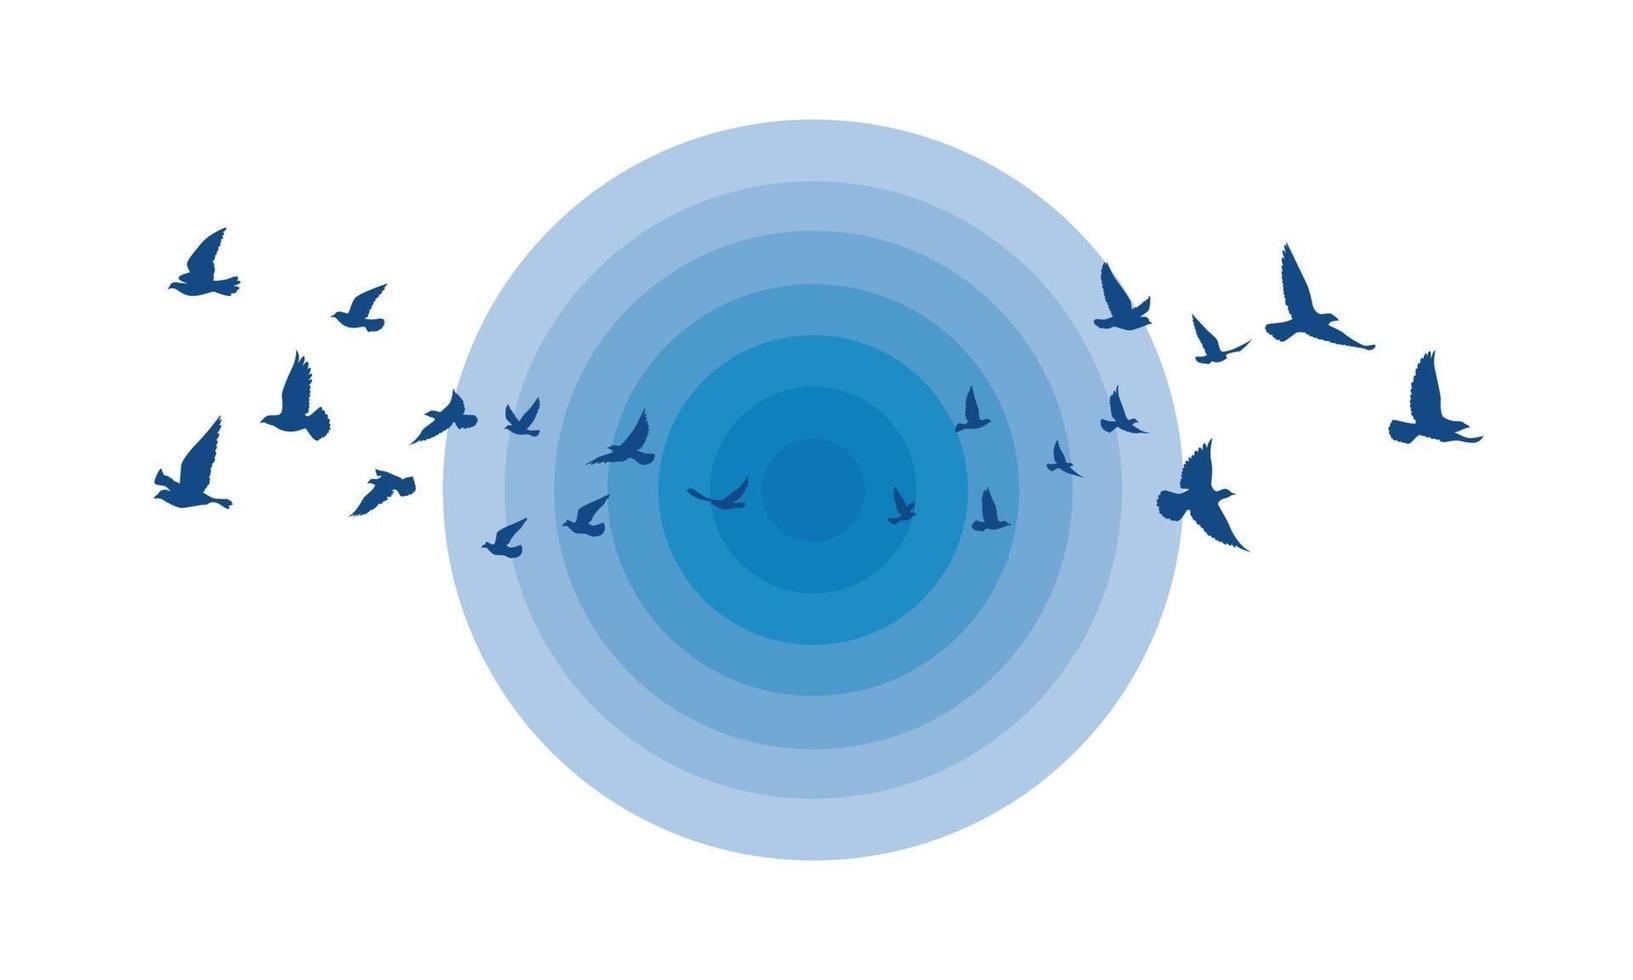 flygande fåglar silhuetter på isolerad bakgrund. vektor illustration. isolerad fågel som flyger. tatuering och tapet bakgrundsdesign. himmel och moln med flugfågel.